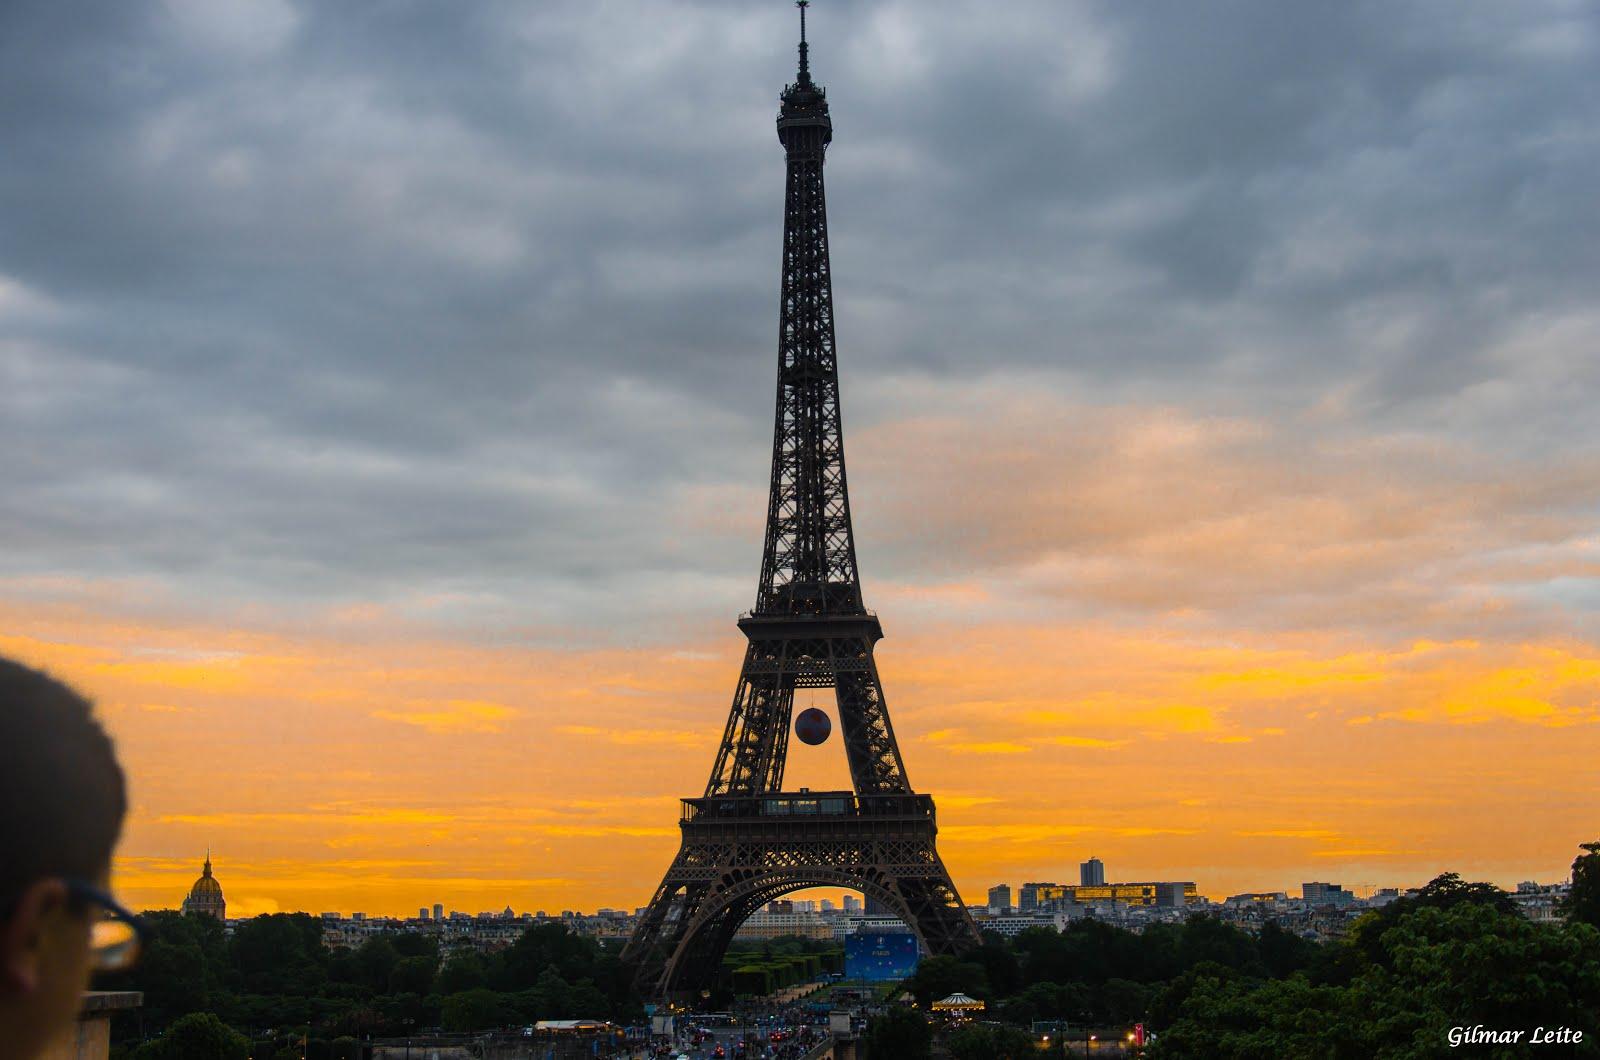 TORRE EIFFEL AO ENTARDECER - PARIS